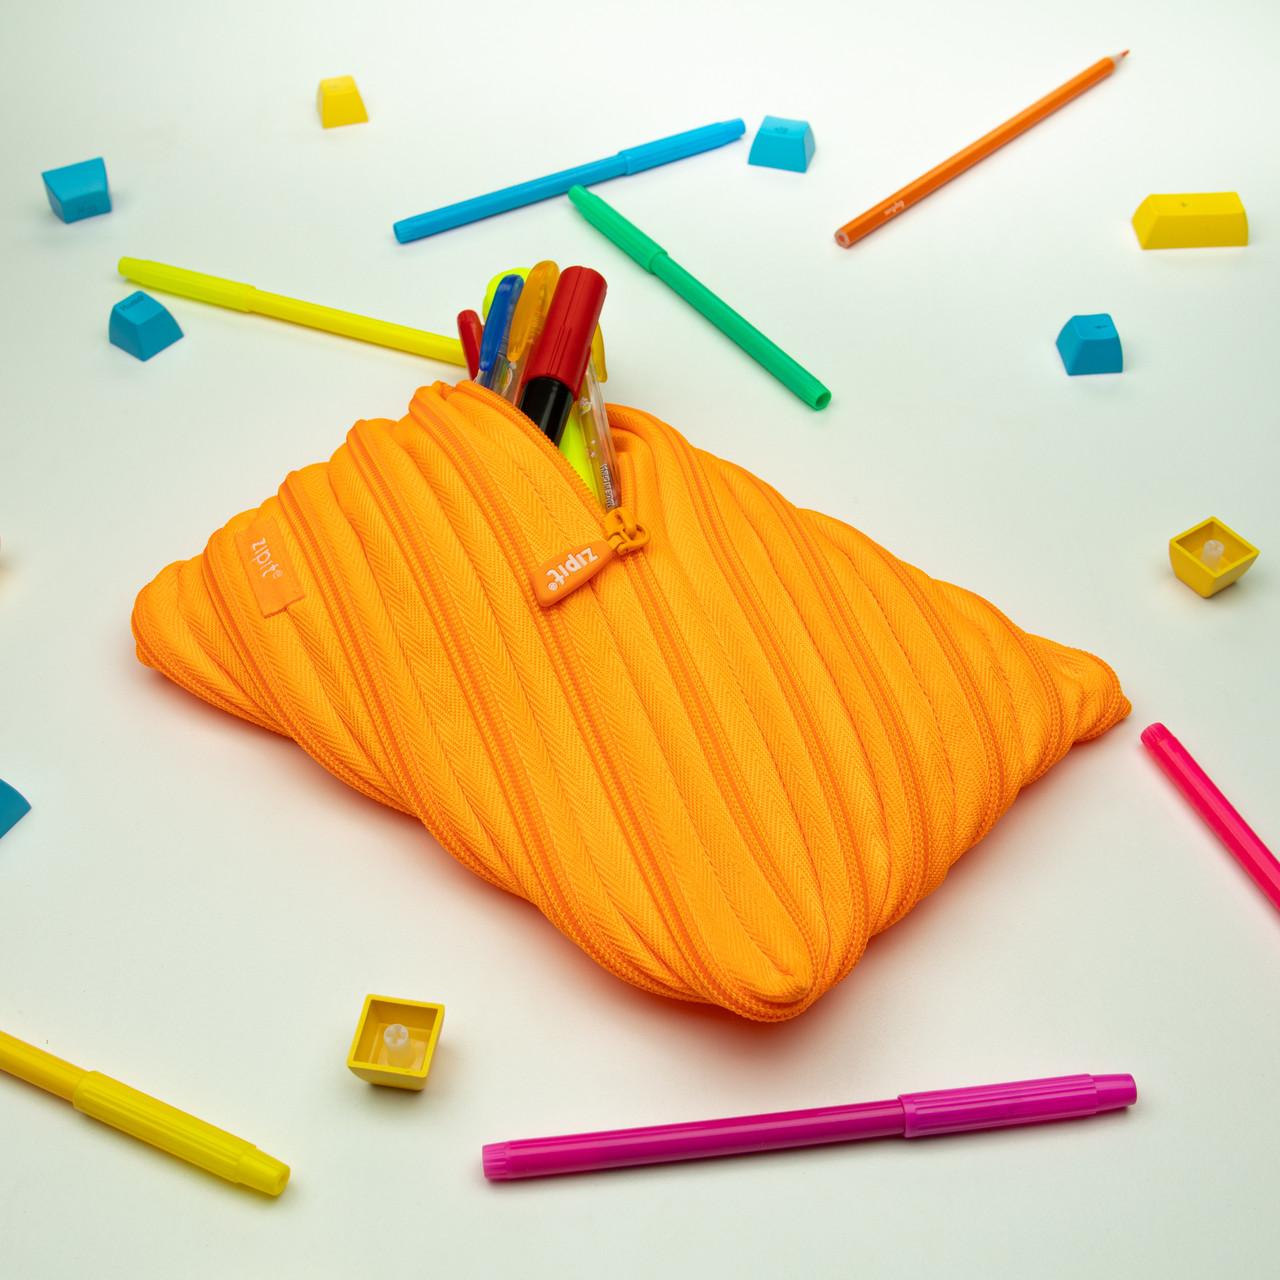 Пенал ZIPIT NEON JUMBO, колір CRAZY ORANGE (помаранчевий)